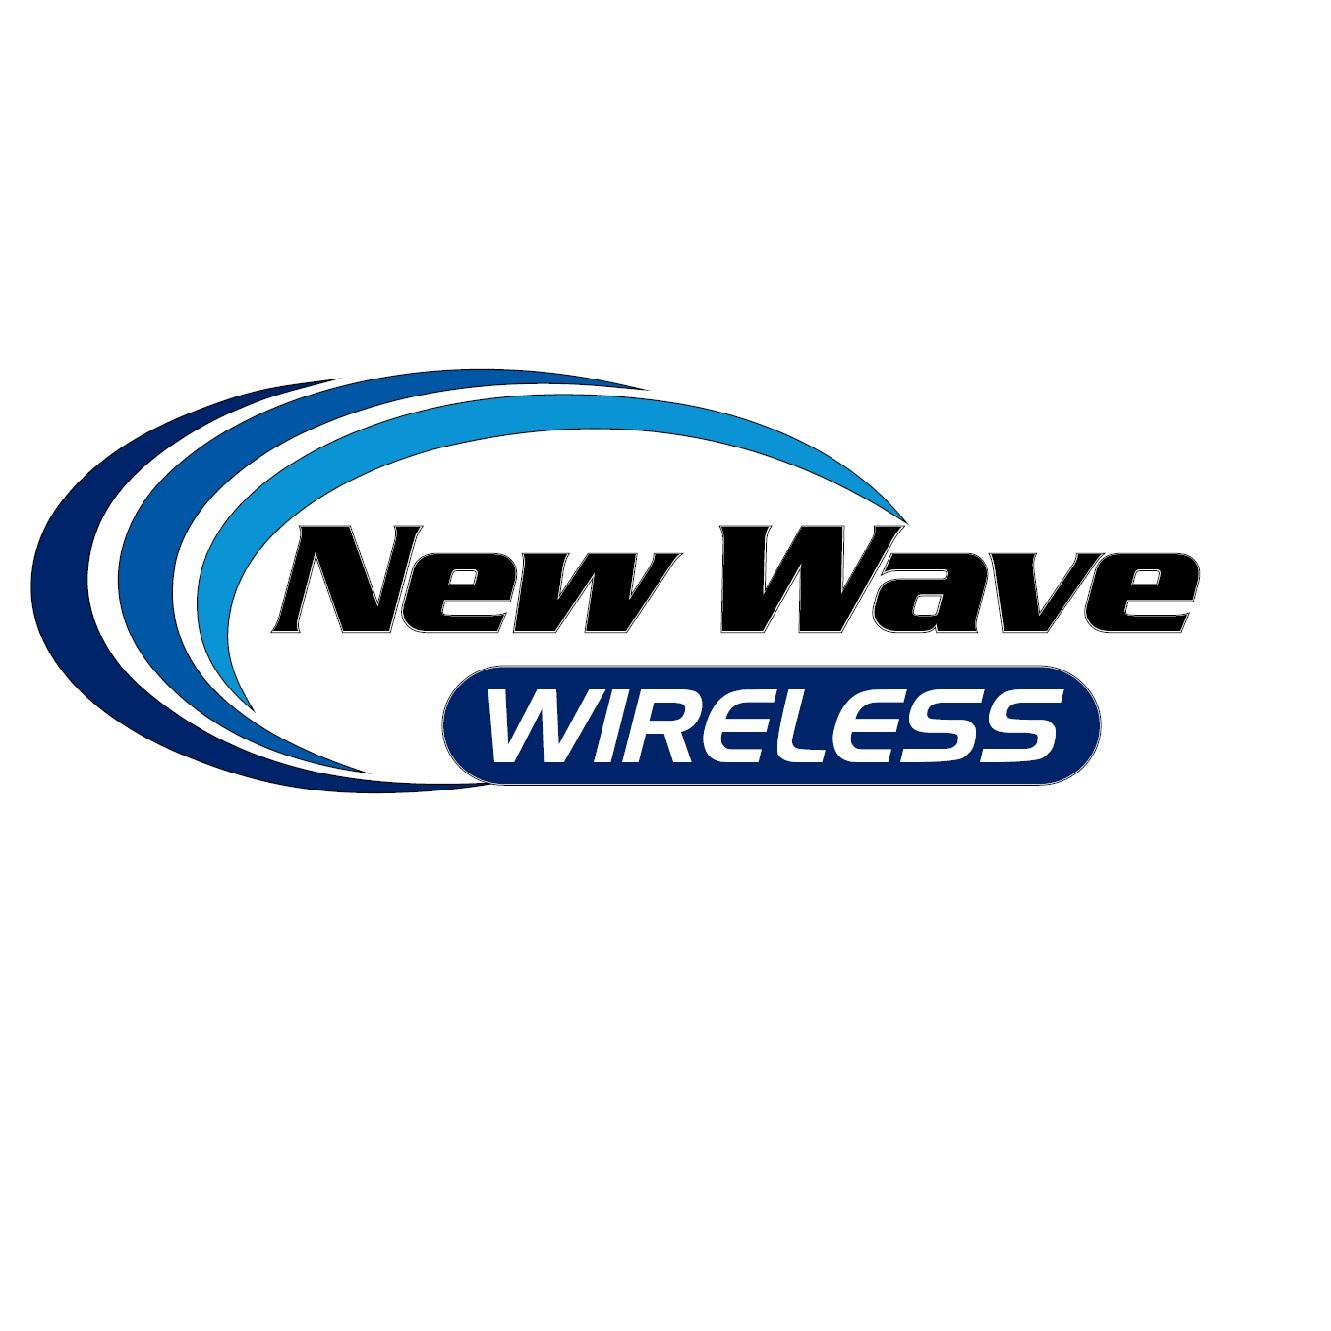 New Wave Wireless